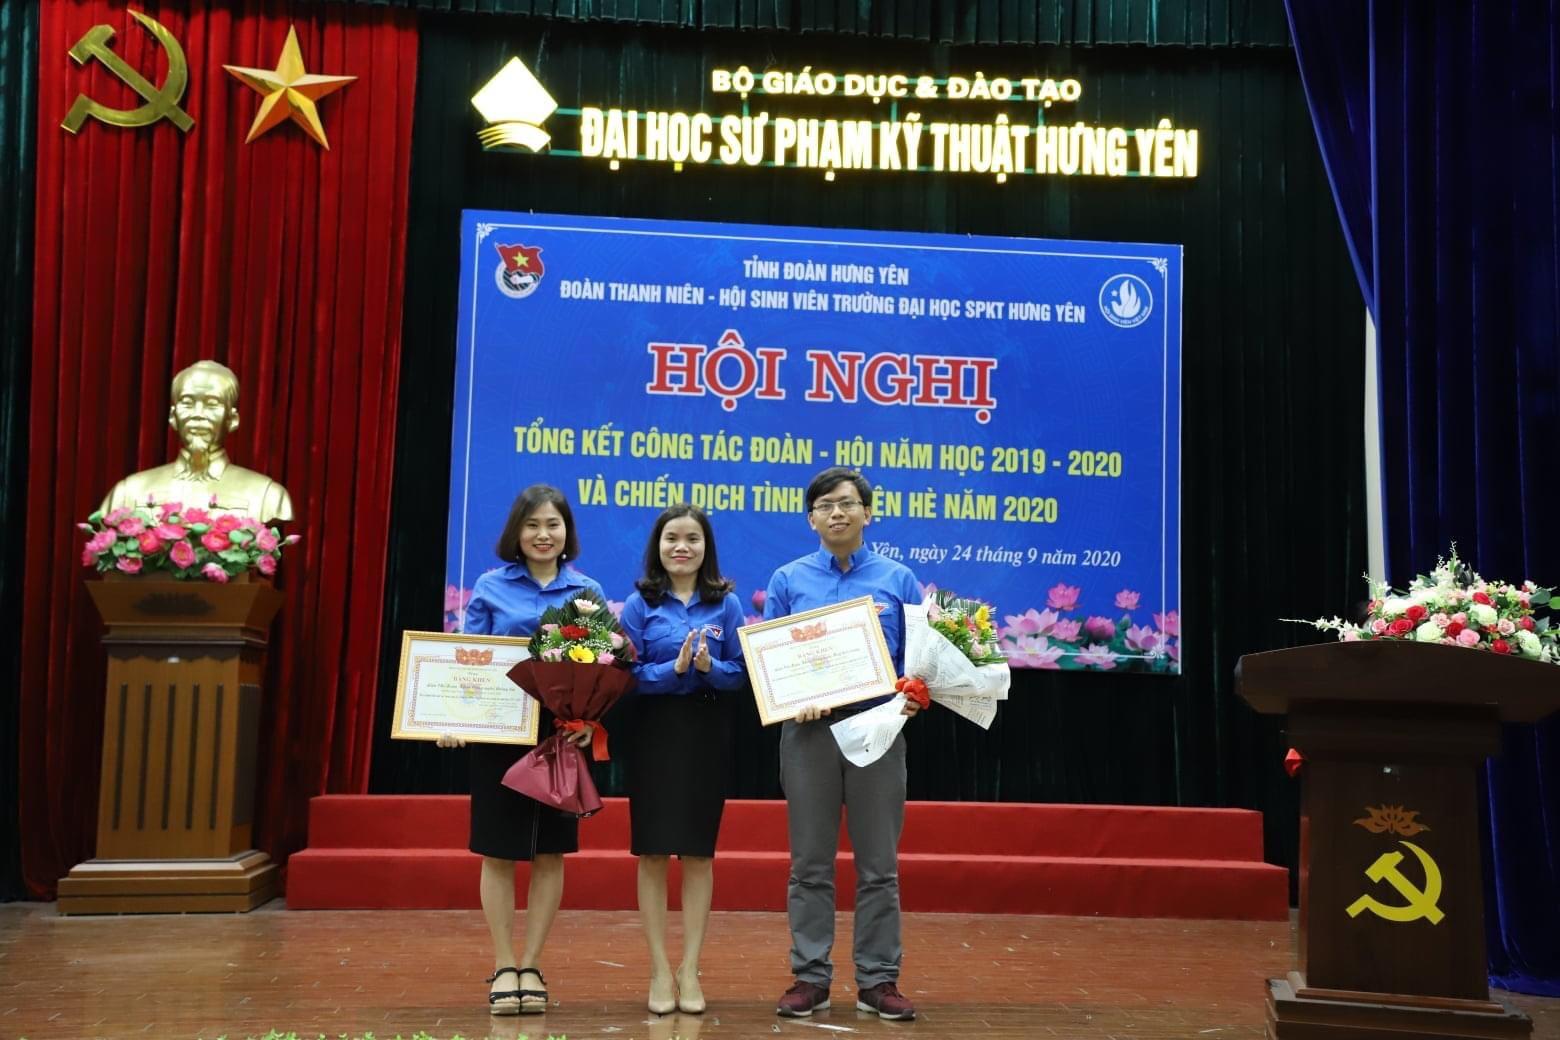 LCĐ Công nghệ May & Thời trang nhận bằng khen của Tỉnh Đoàn Hưng Yên